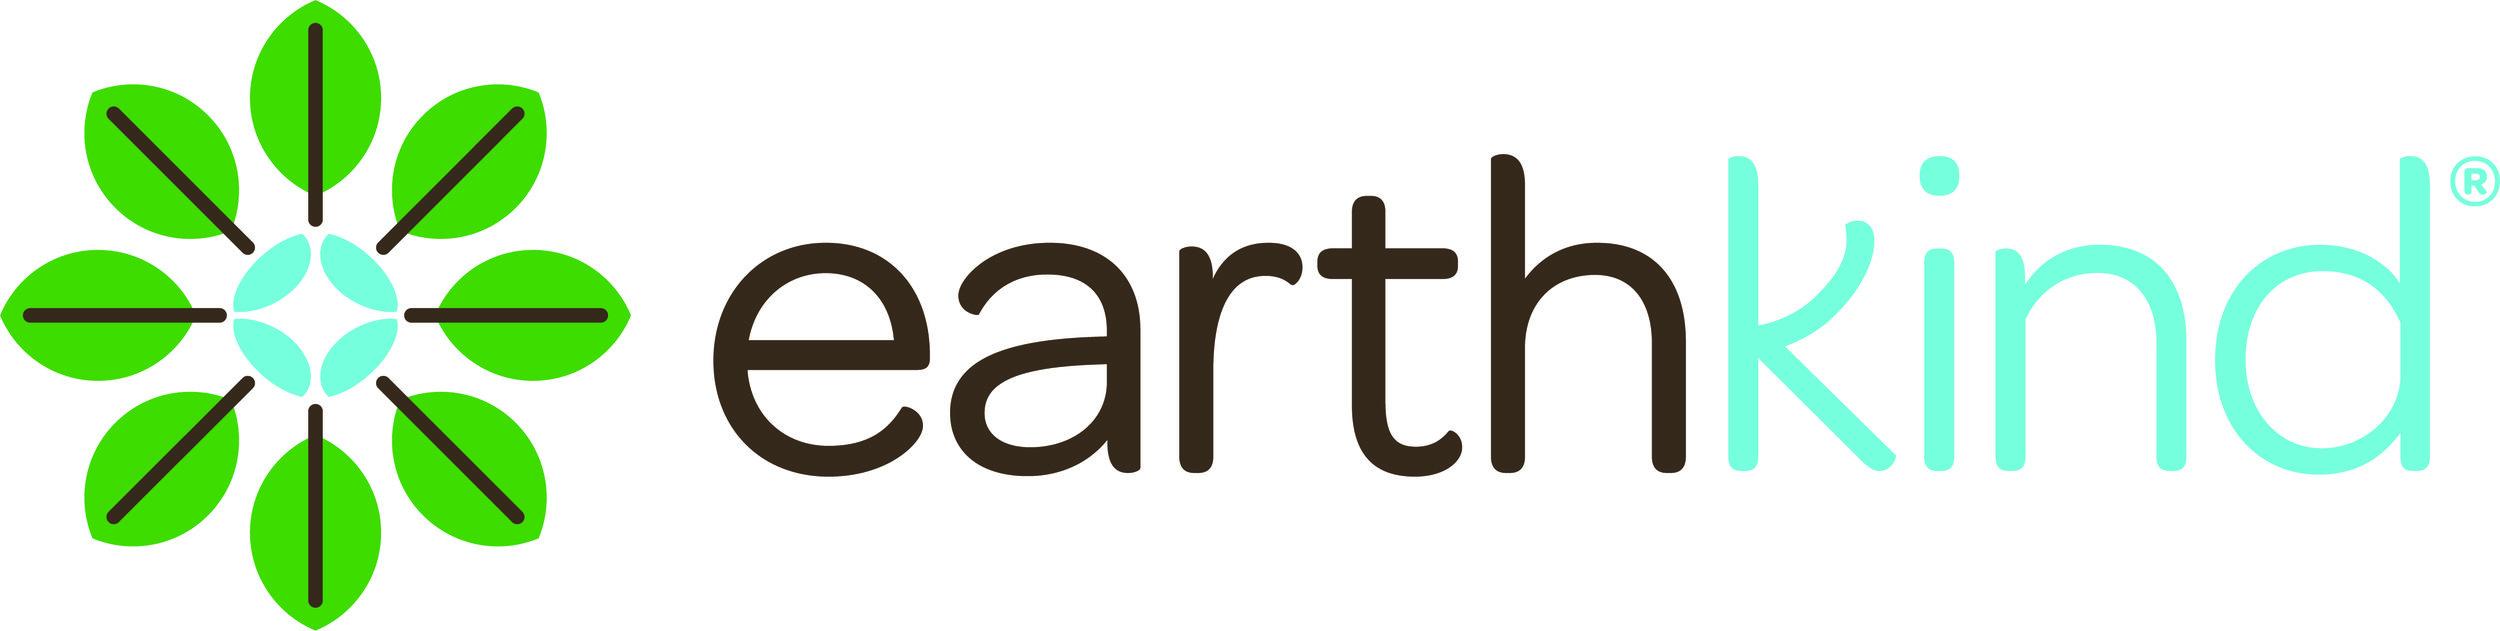 EarthKindLogo.jpg